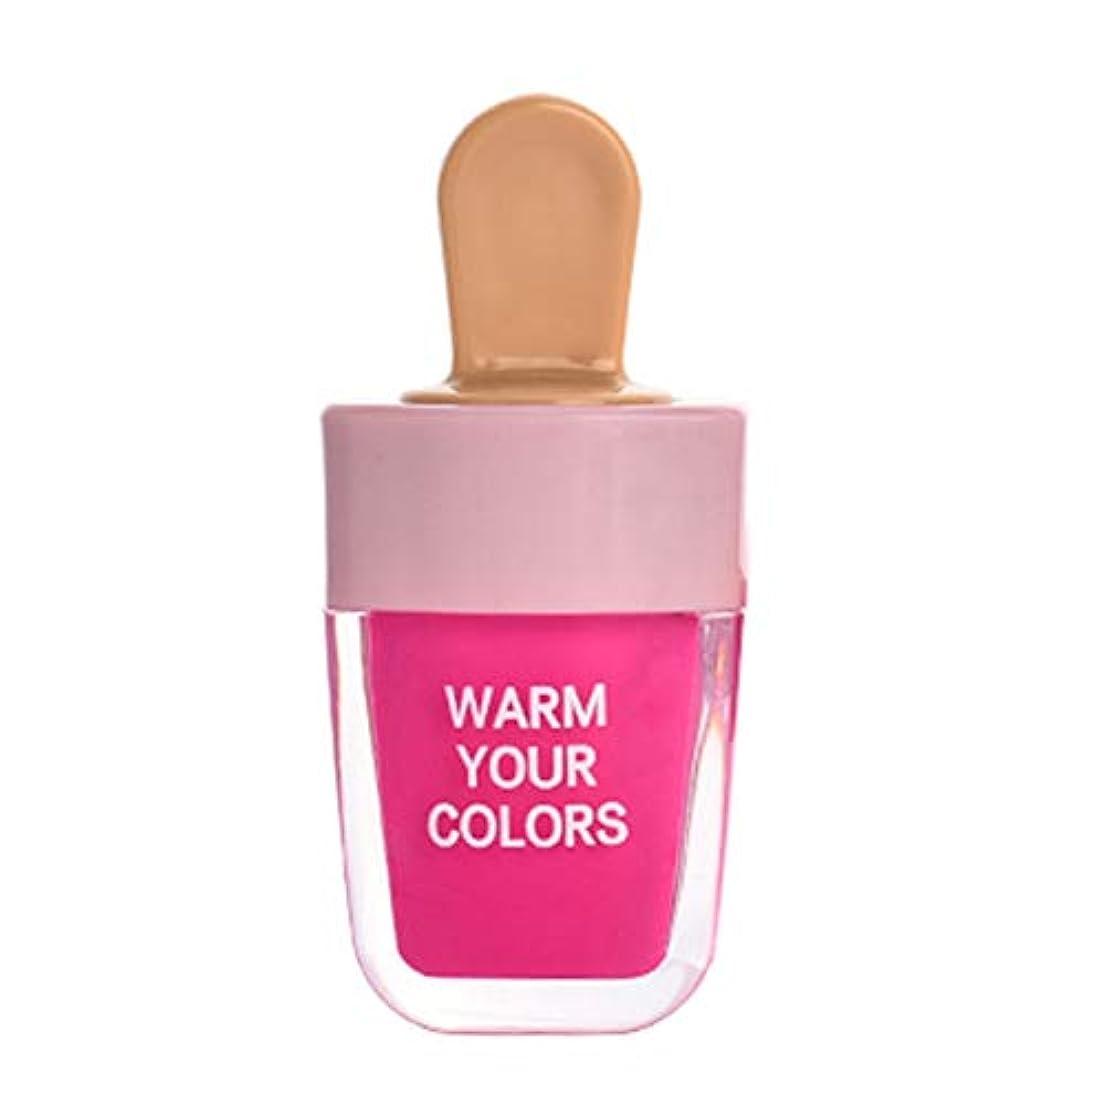 高価な真空略すRemeeHi 口紅 リップティント アイスクリーム リップスティック リップカラー ラスティング 防水 落ちない メイクアップ メイク道具 化粧品保湿 リップクリーム 韓国風 学生 可愛い